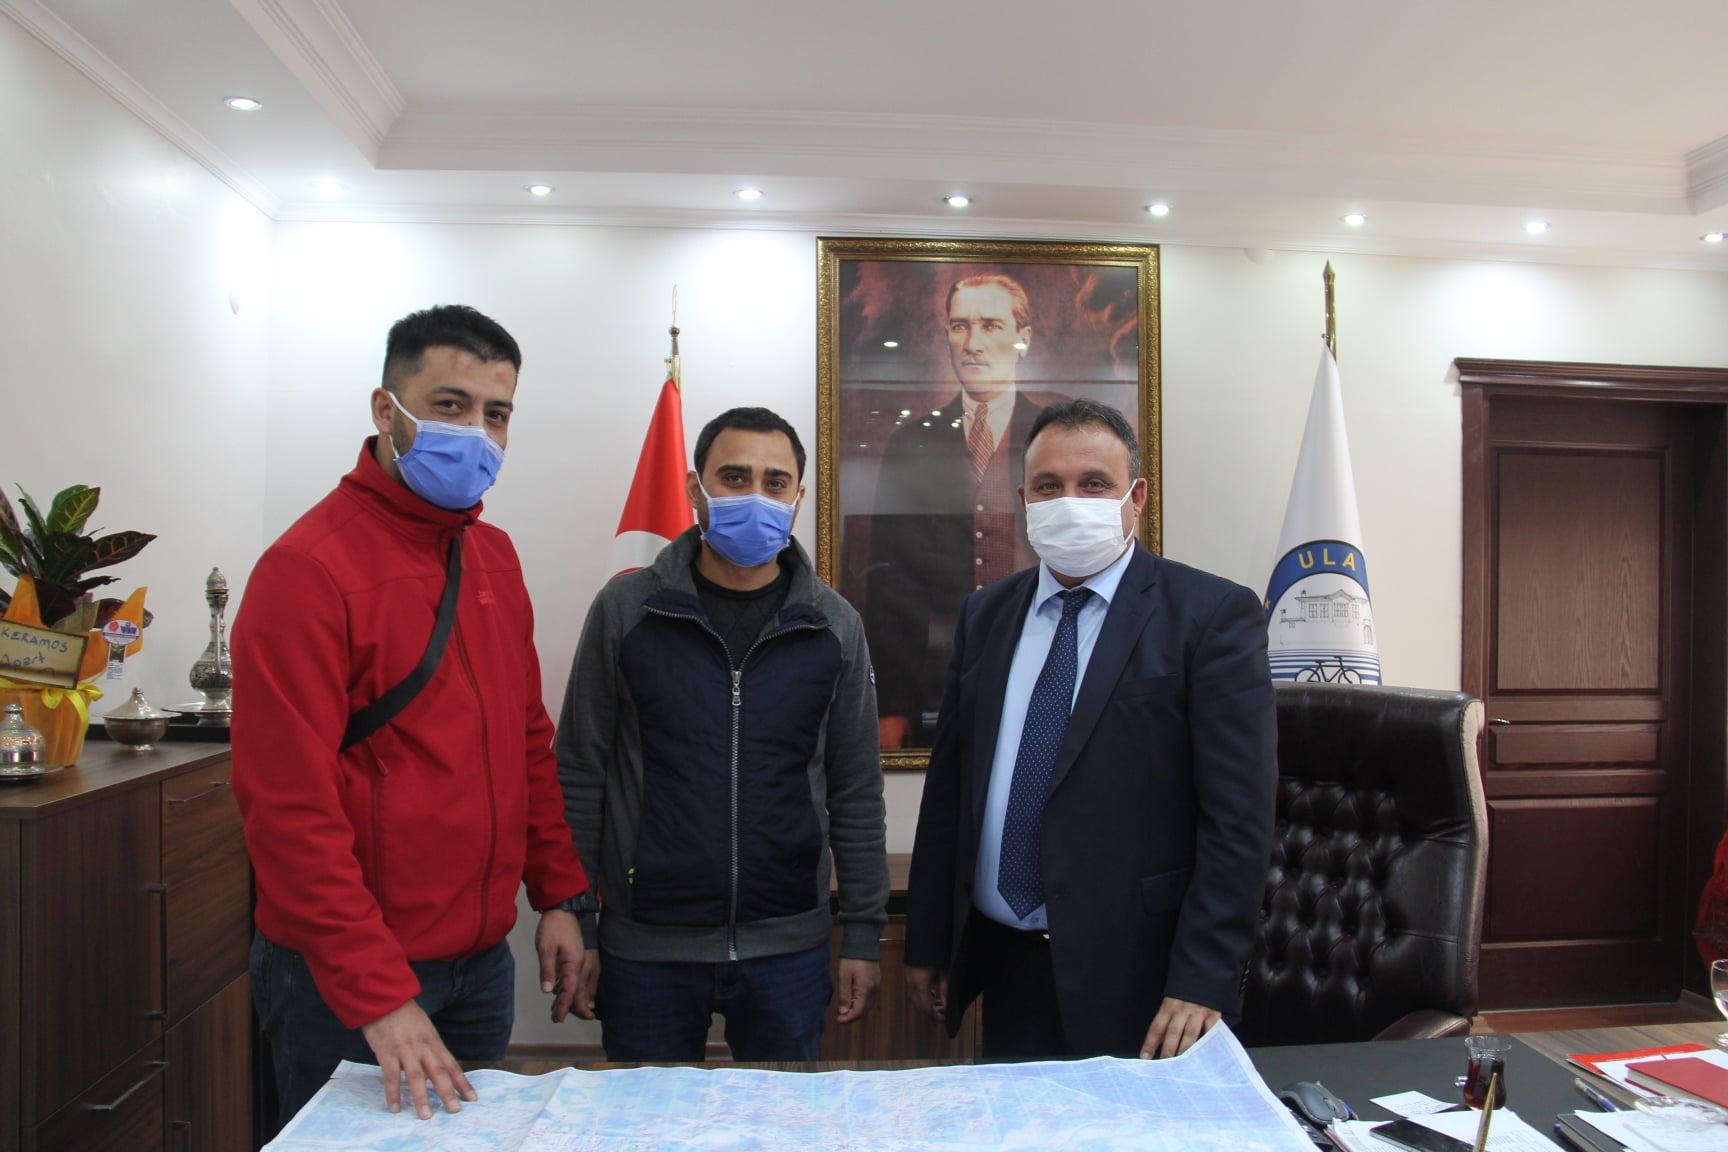 Muğla Türk Telekom Personelleri Belediye Başkanımızı Ziyaret Ederek İlçemizde Devam Eden Fiber Altyapı Projesi Hakkında Bilgi Verdi